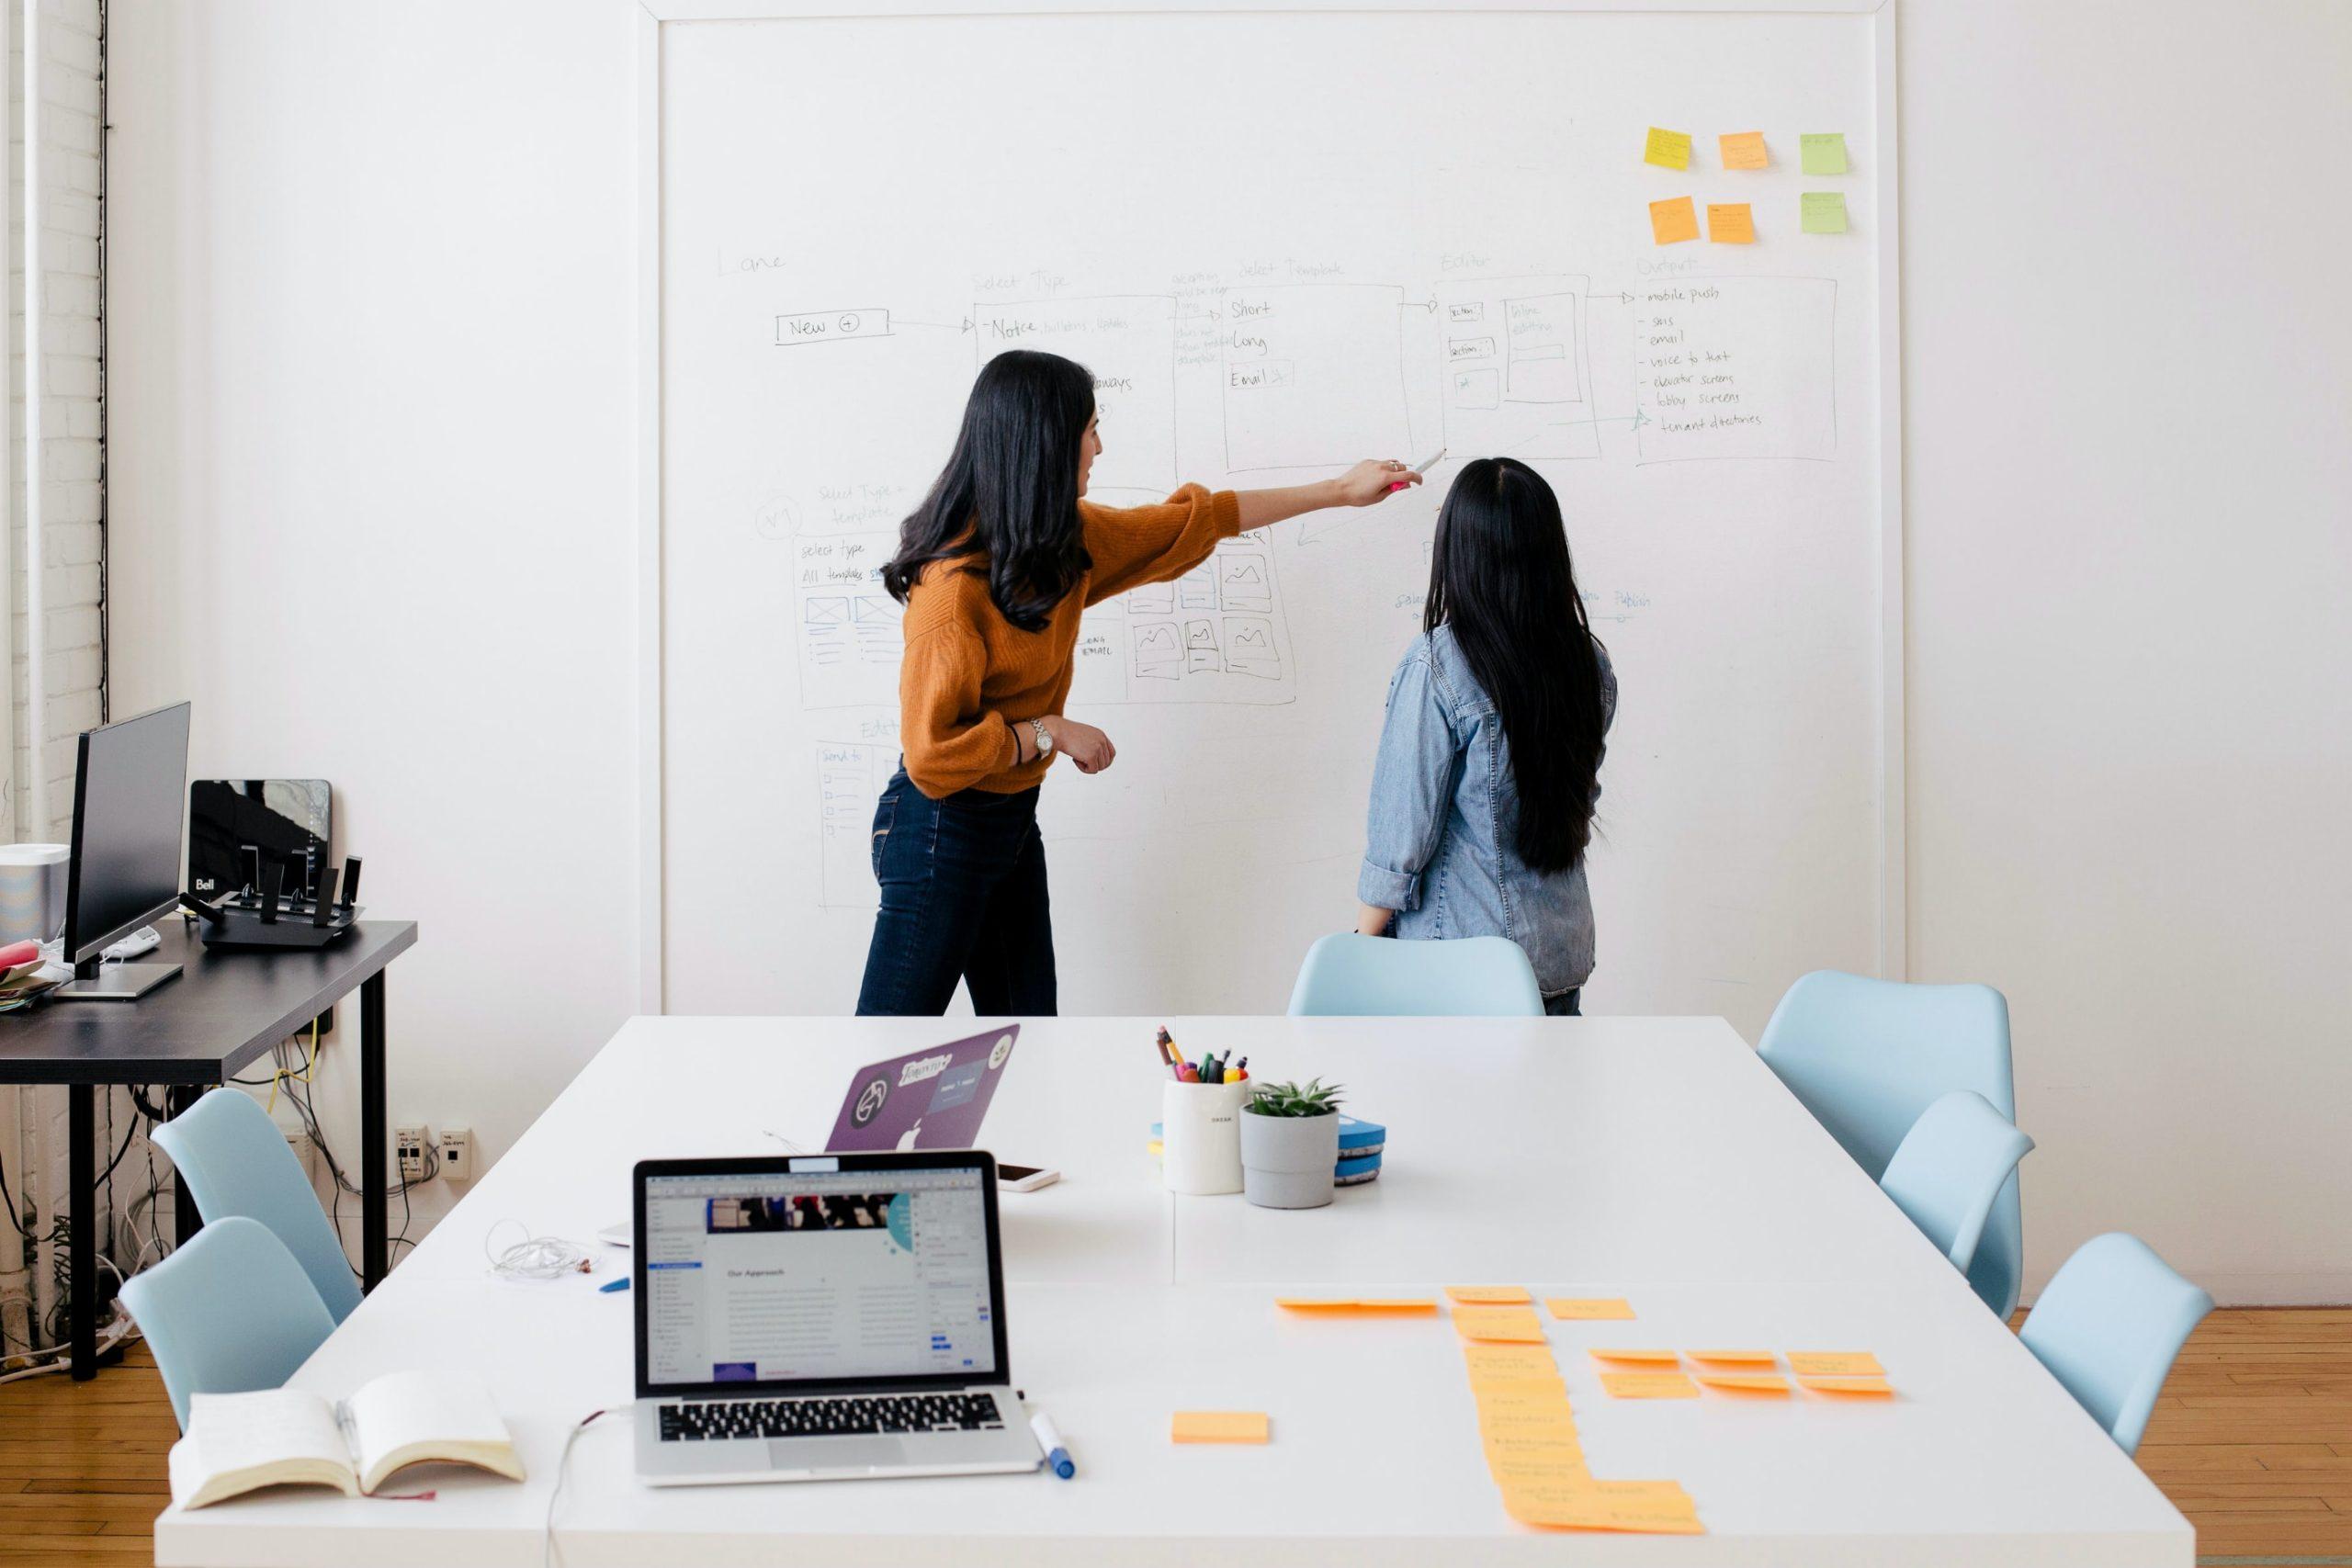 Comment bien préparer un entretien d'embauche ?